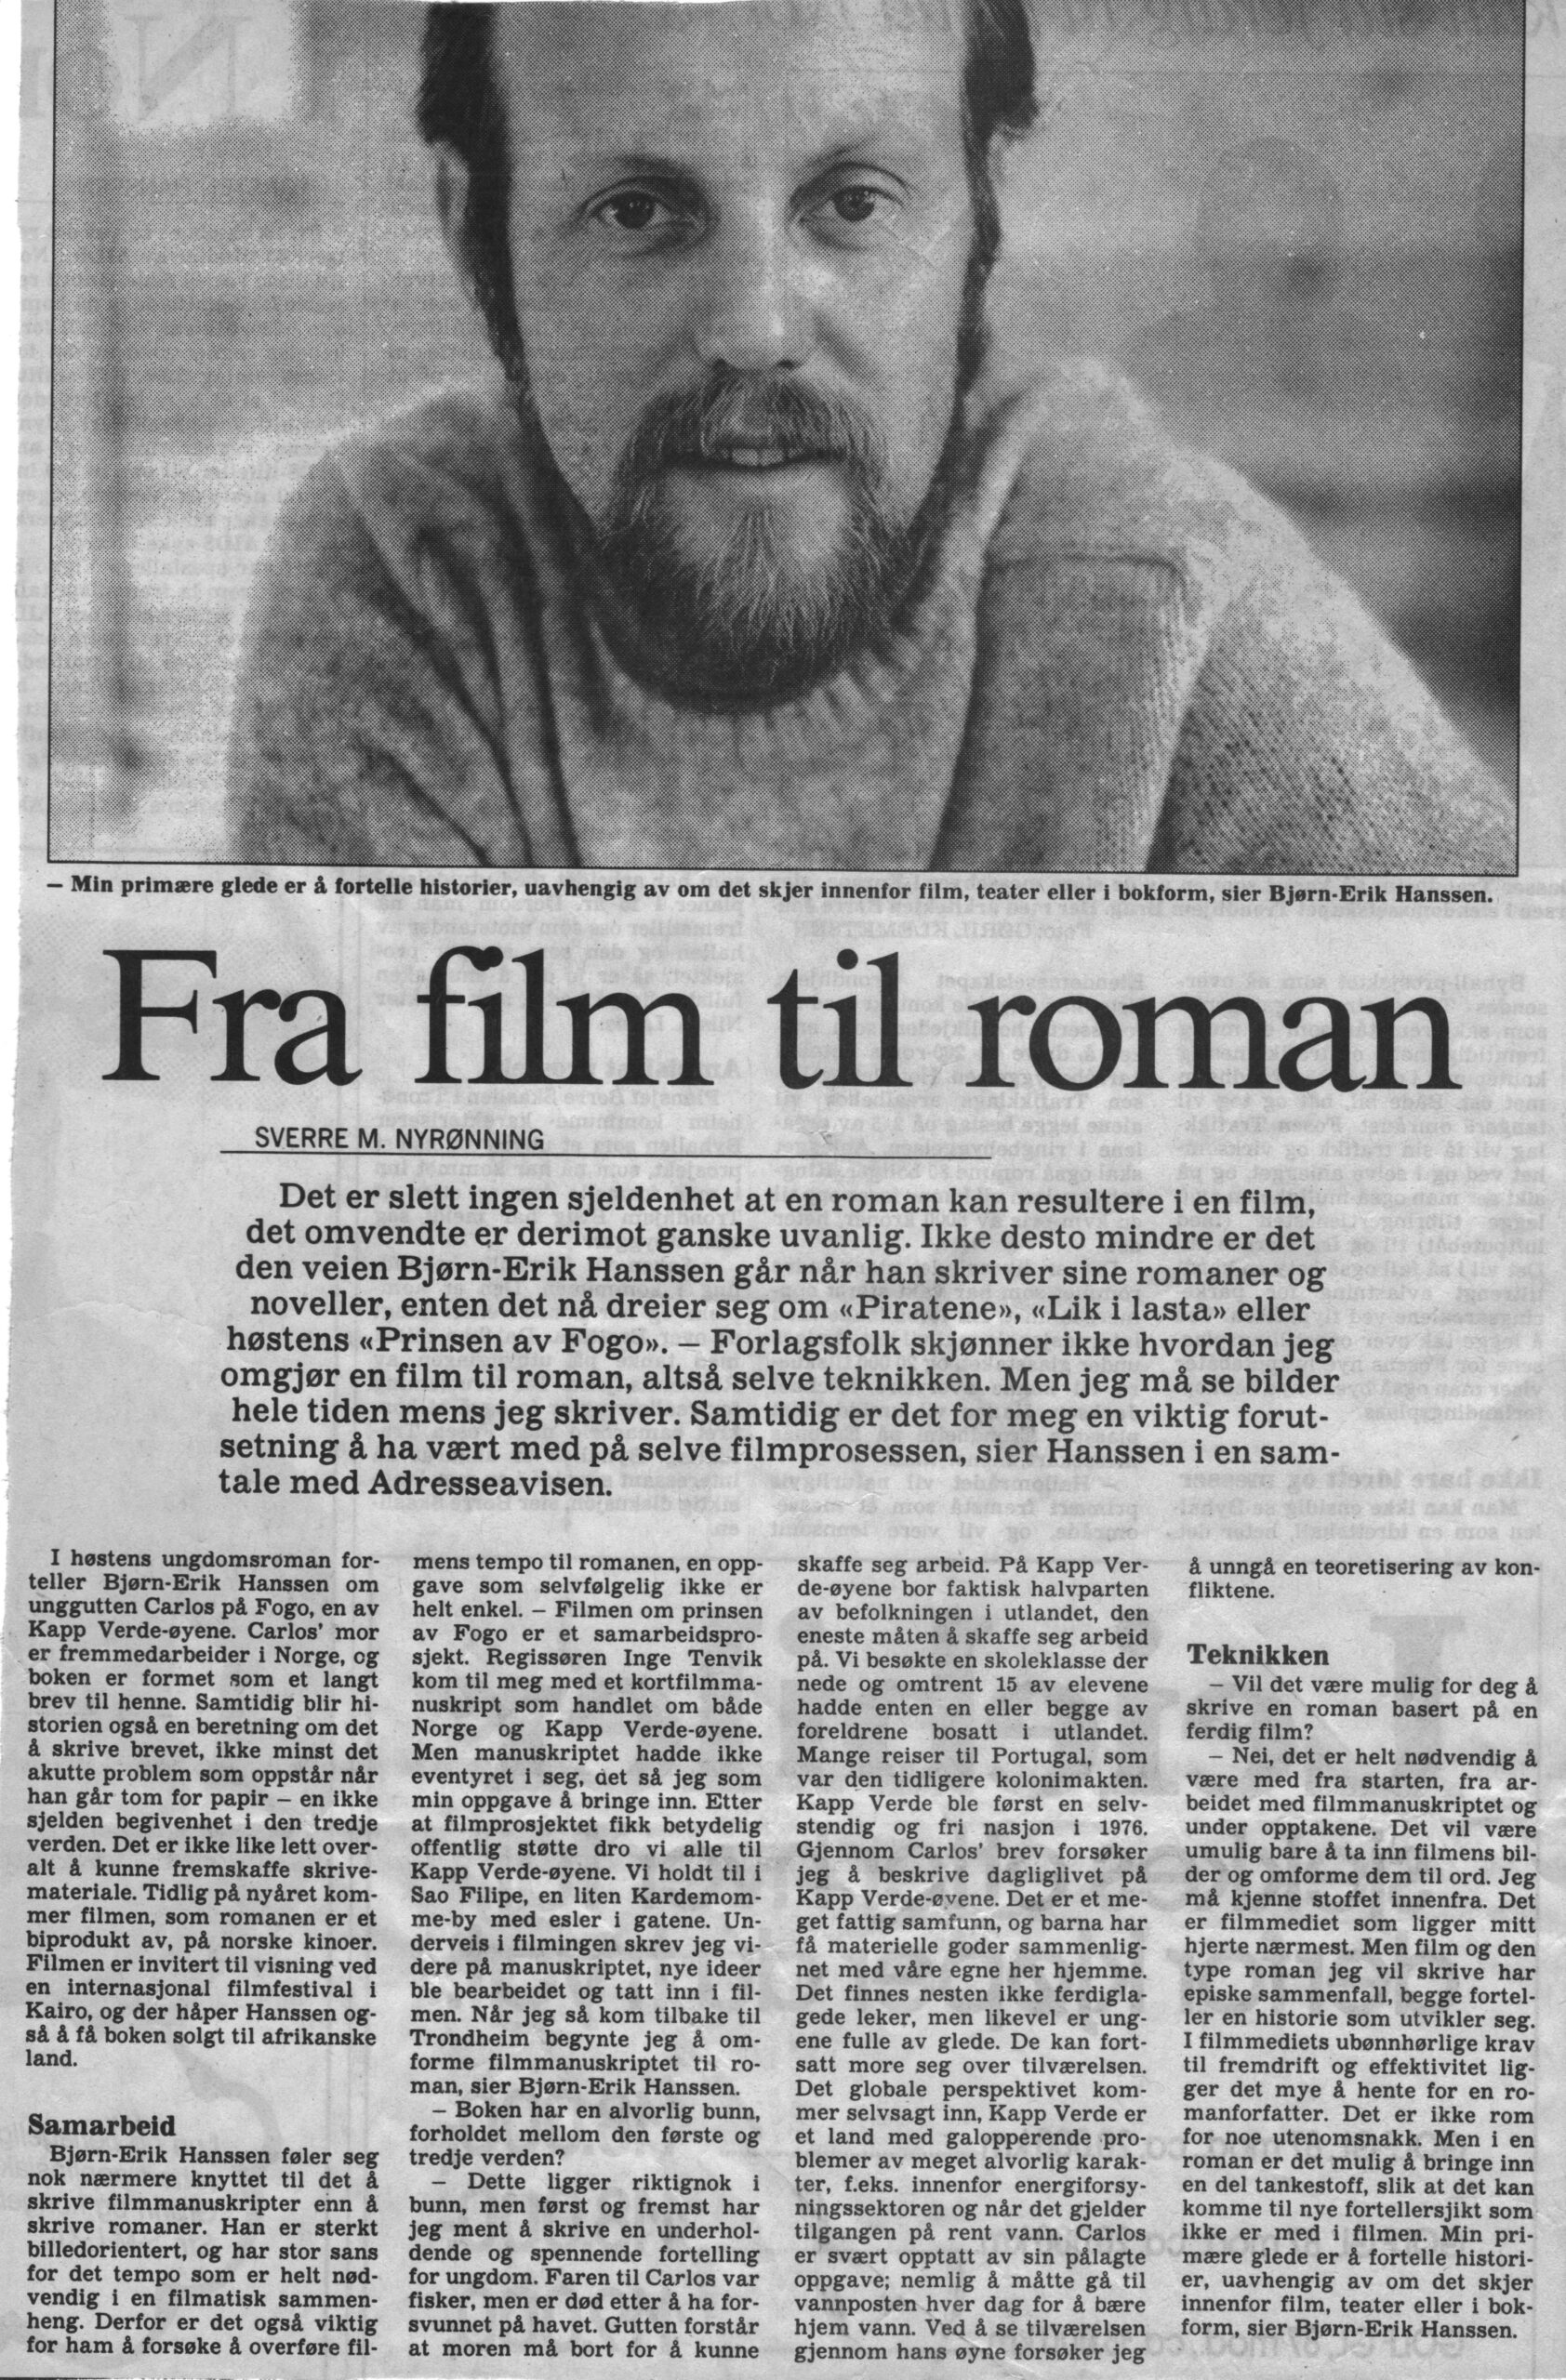 Fra film til roman